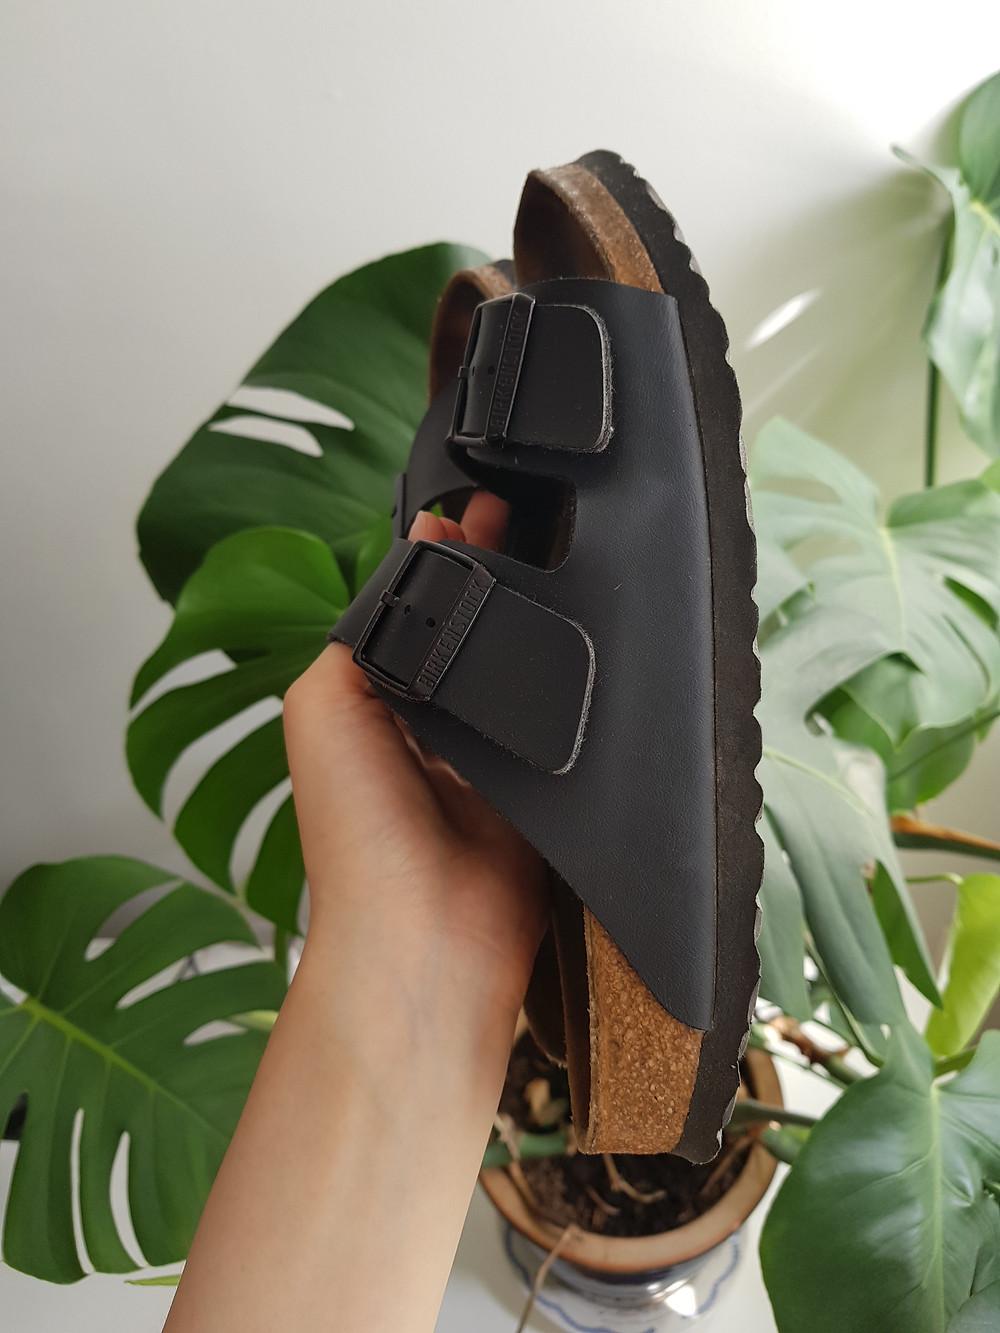 Pitelen käsissäni sandaaleita, jotka näkyvät sivusta päin. Taustalla vihreä peikonlehti.